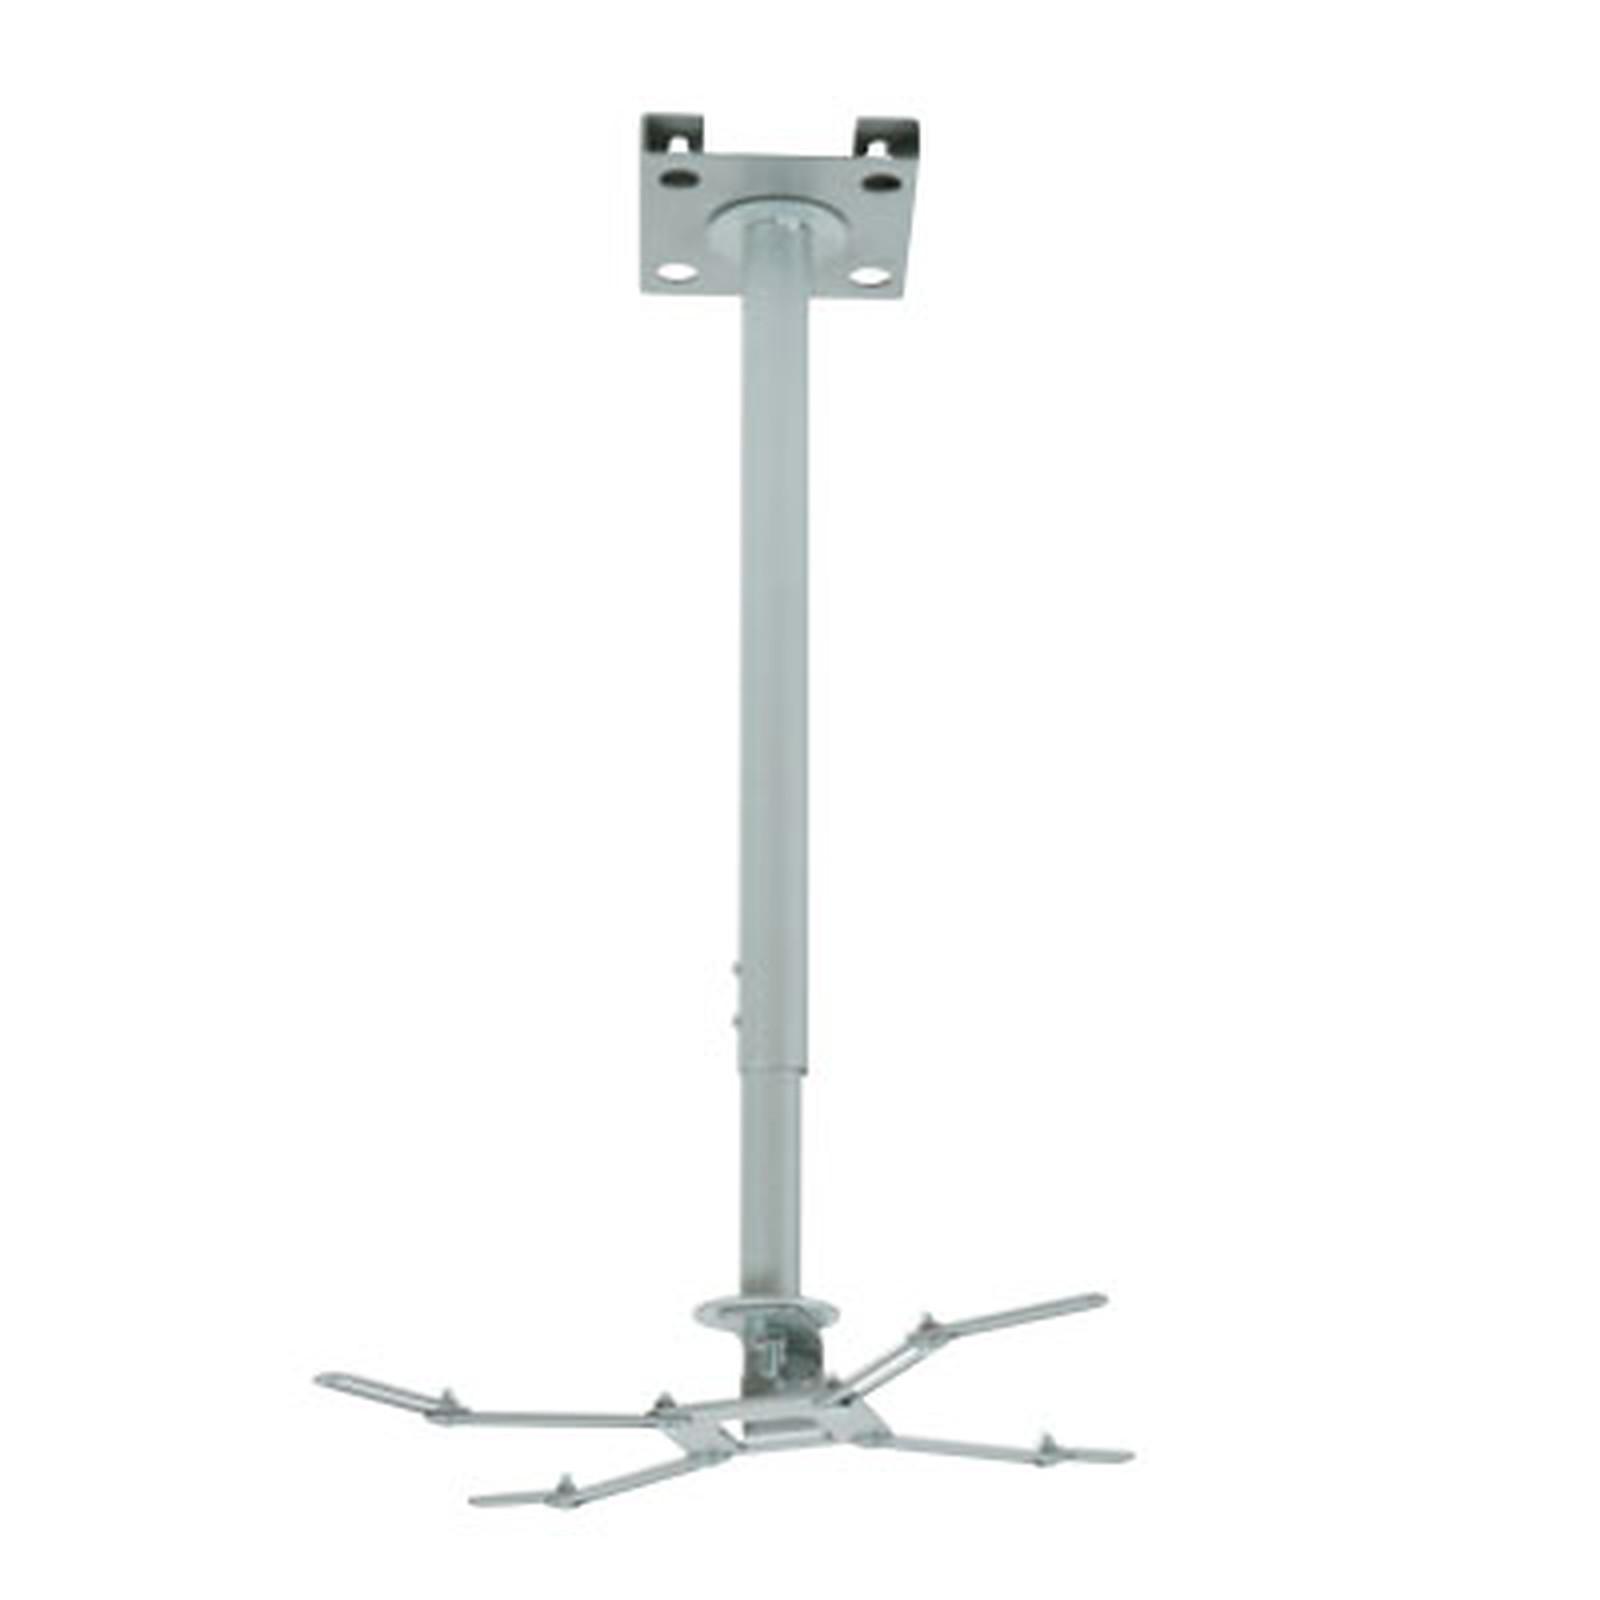 ERARD Pro Support blanc universel 150 cm avec rallonges